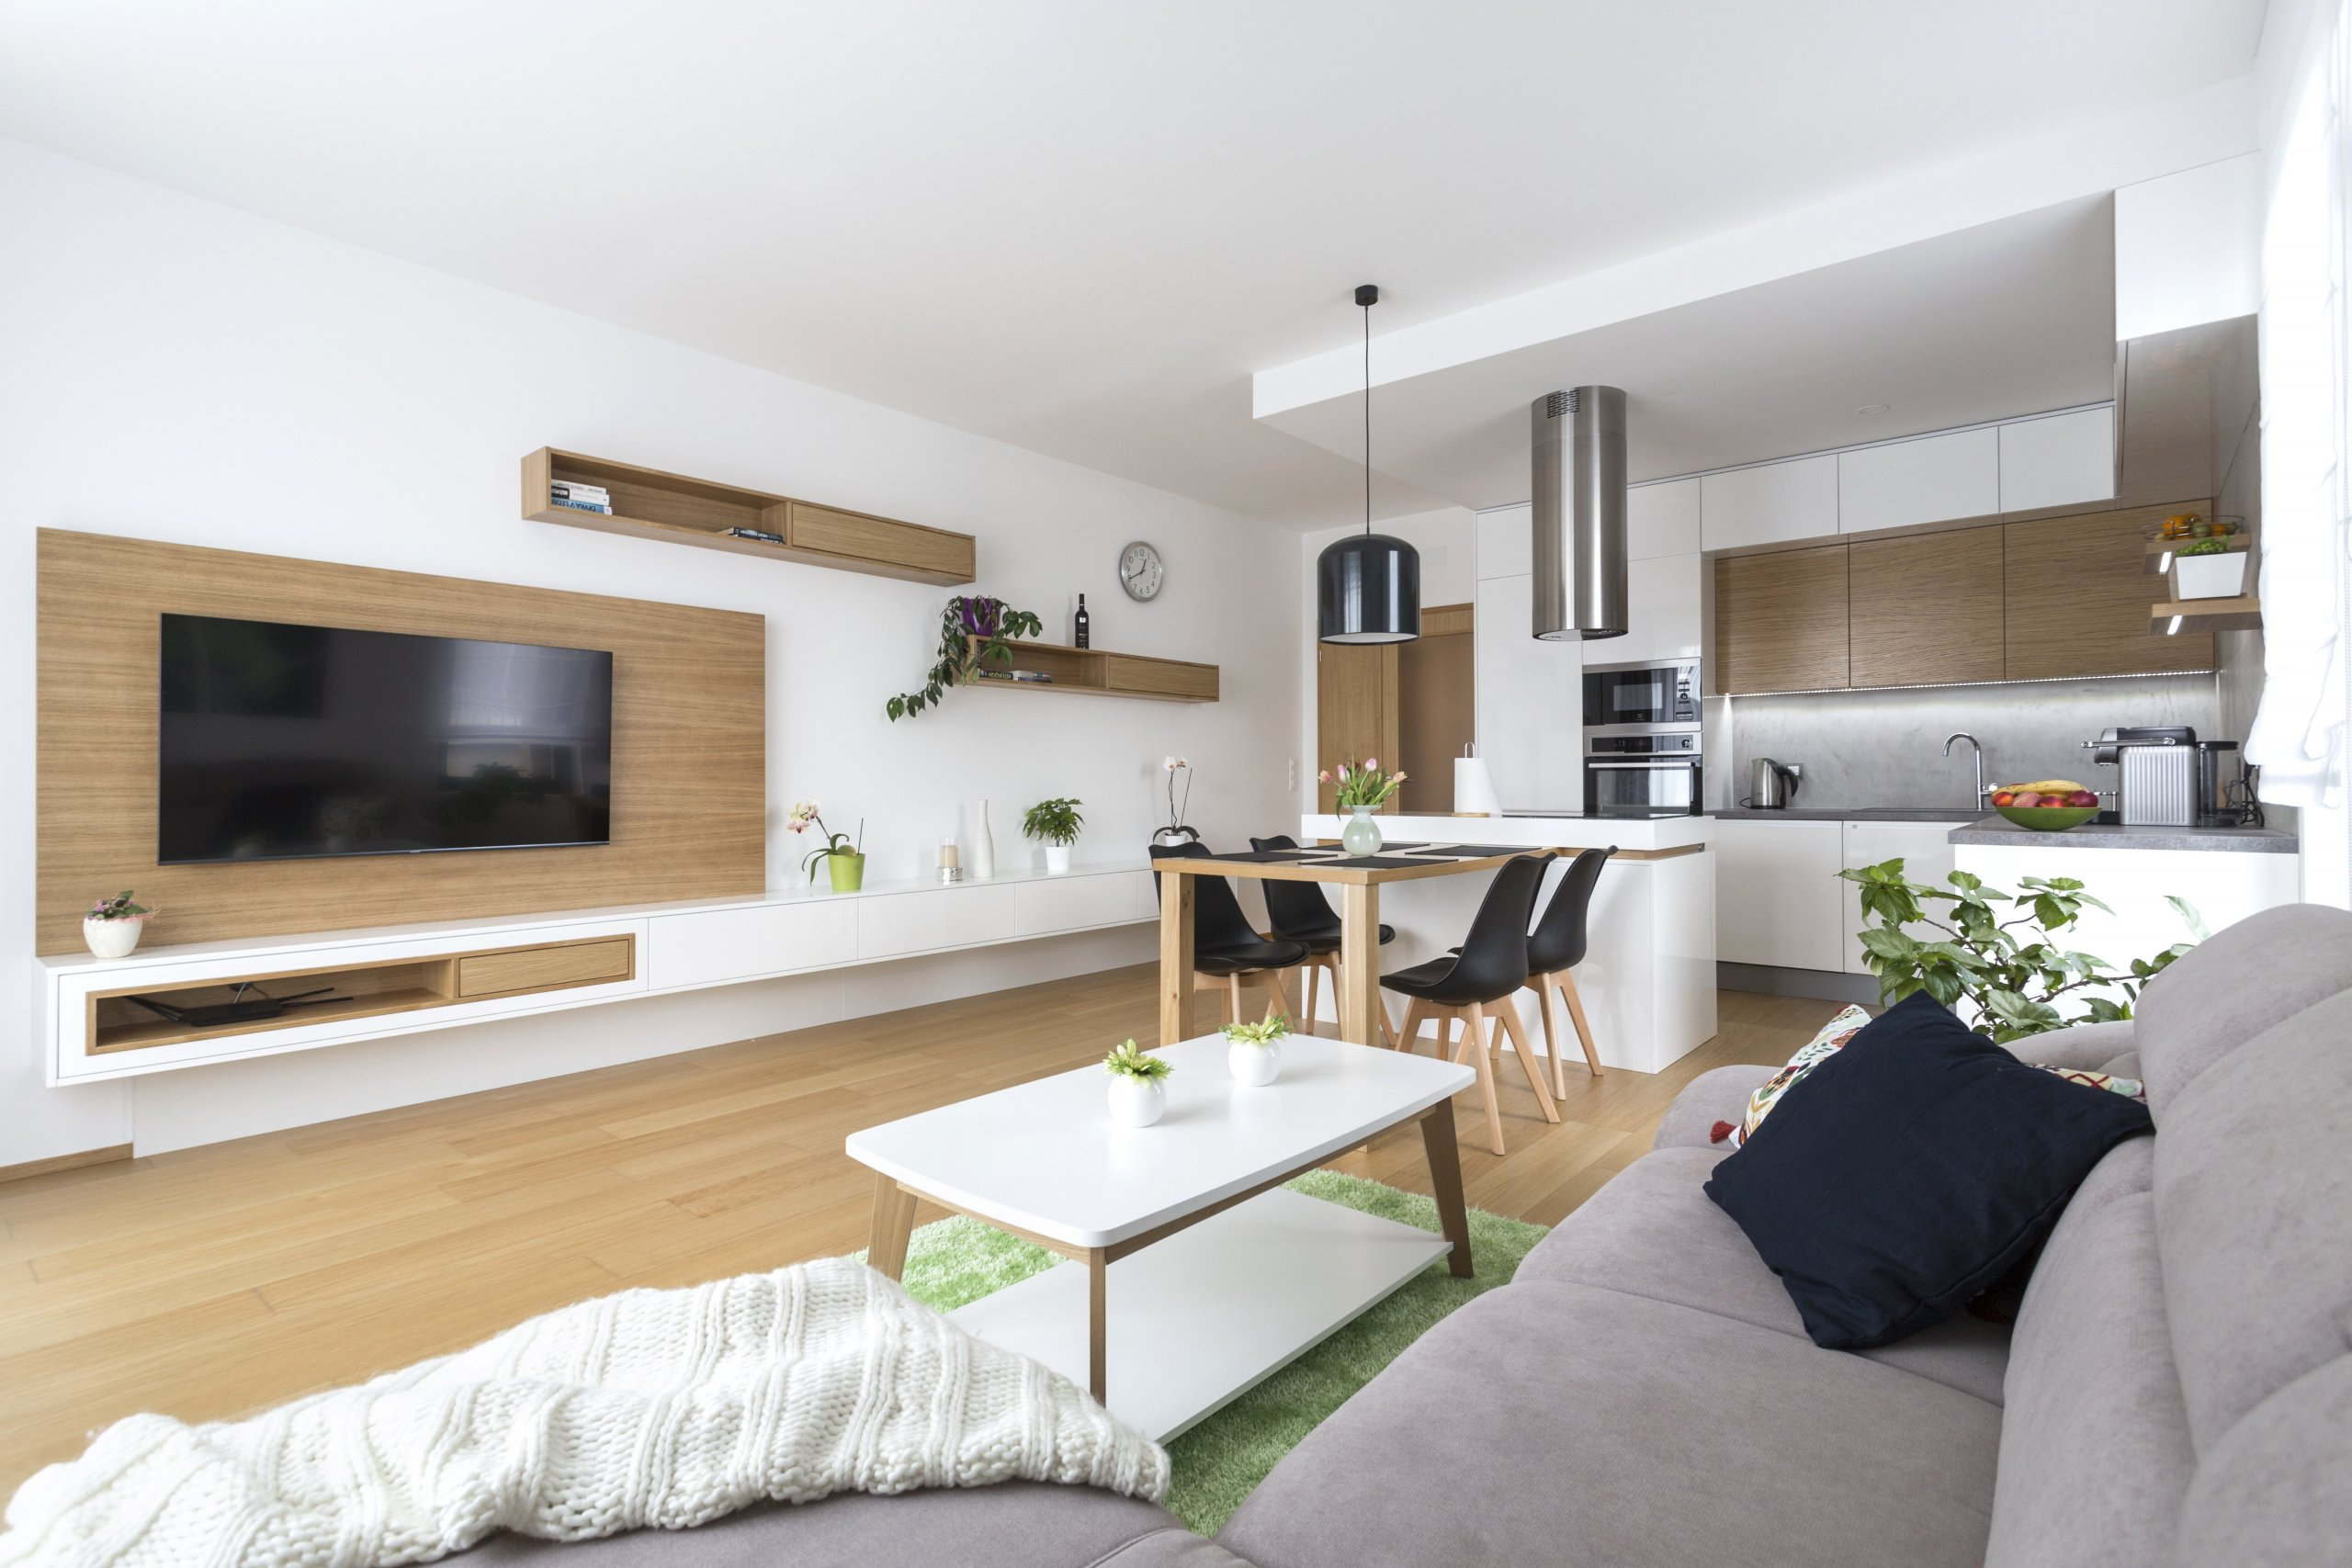 Developerský projekt, který nabízí klidné bydlení v zaleni apřitom je v Praze. Byt 3kk s ohromnou terasou, výhledem do okolí, tříčlenná rodina a omezený…